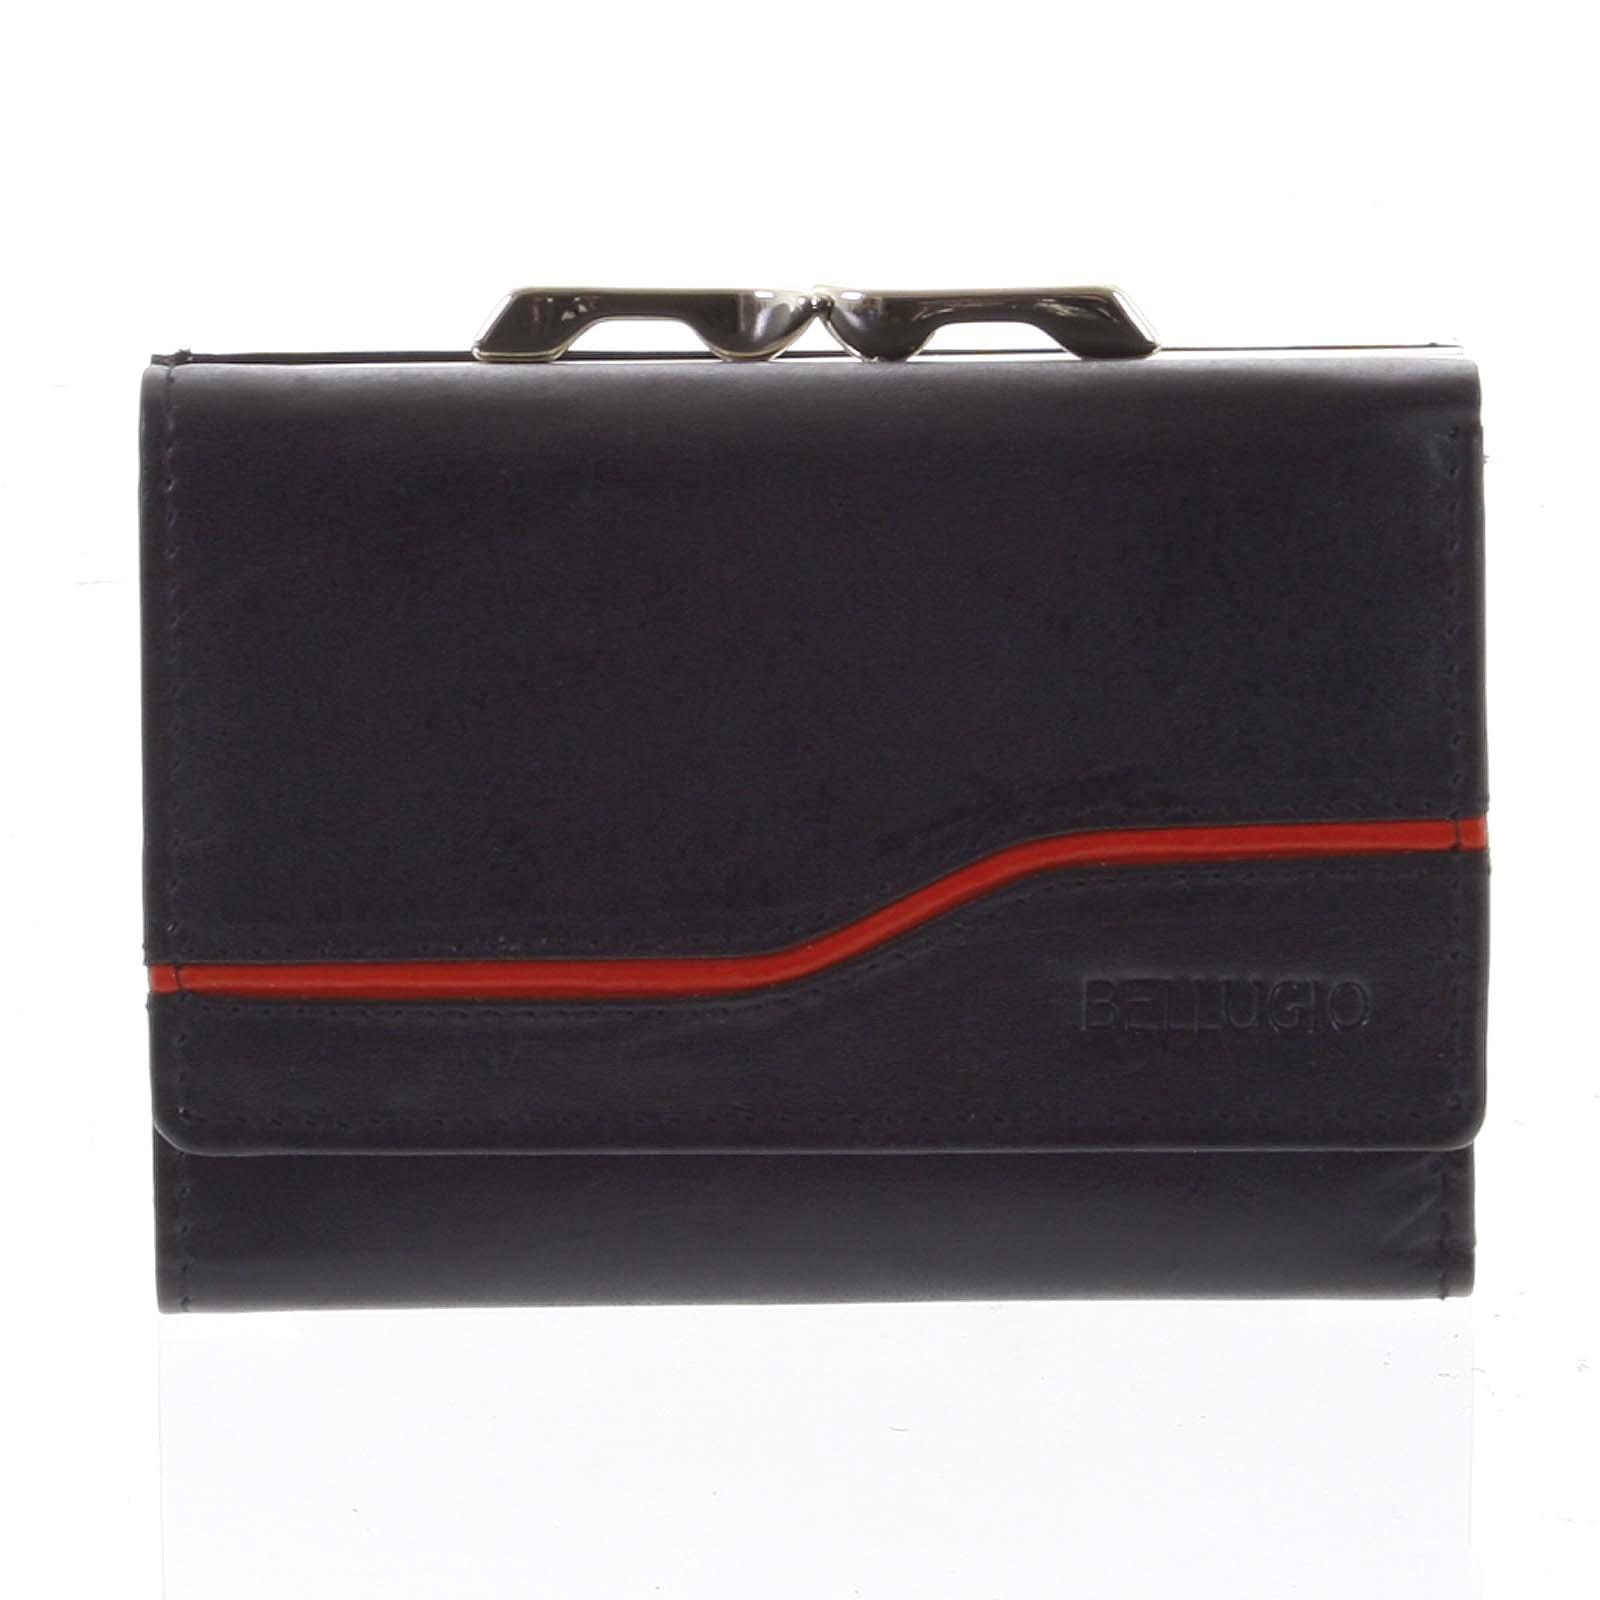 Dámská kožená peněženka černá - Bellugio Tarea